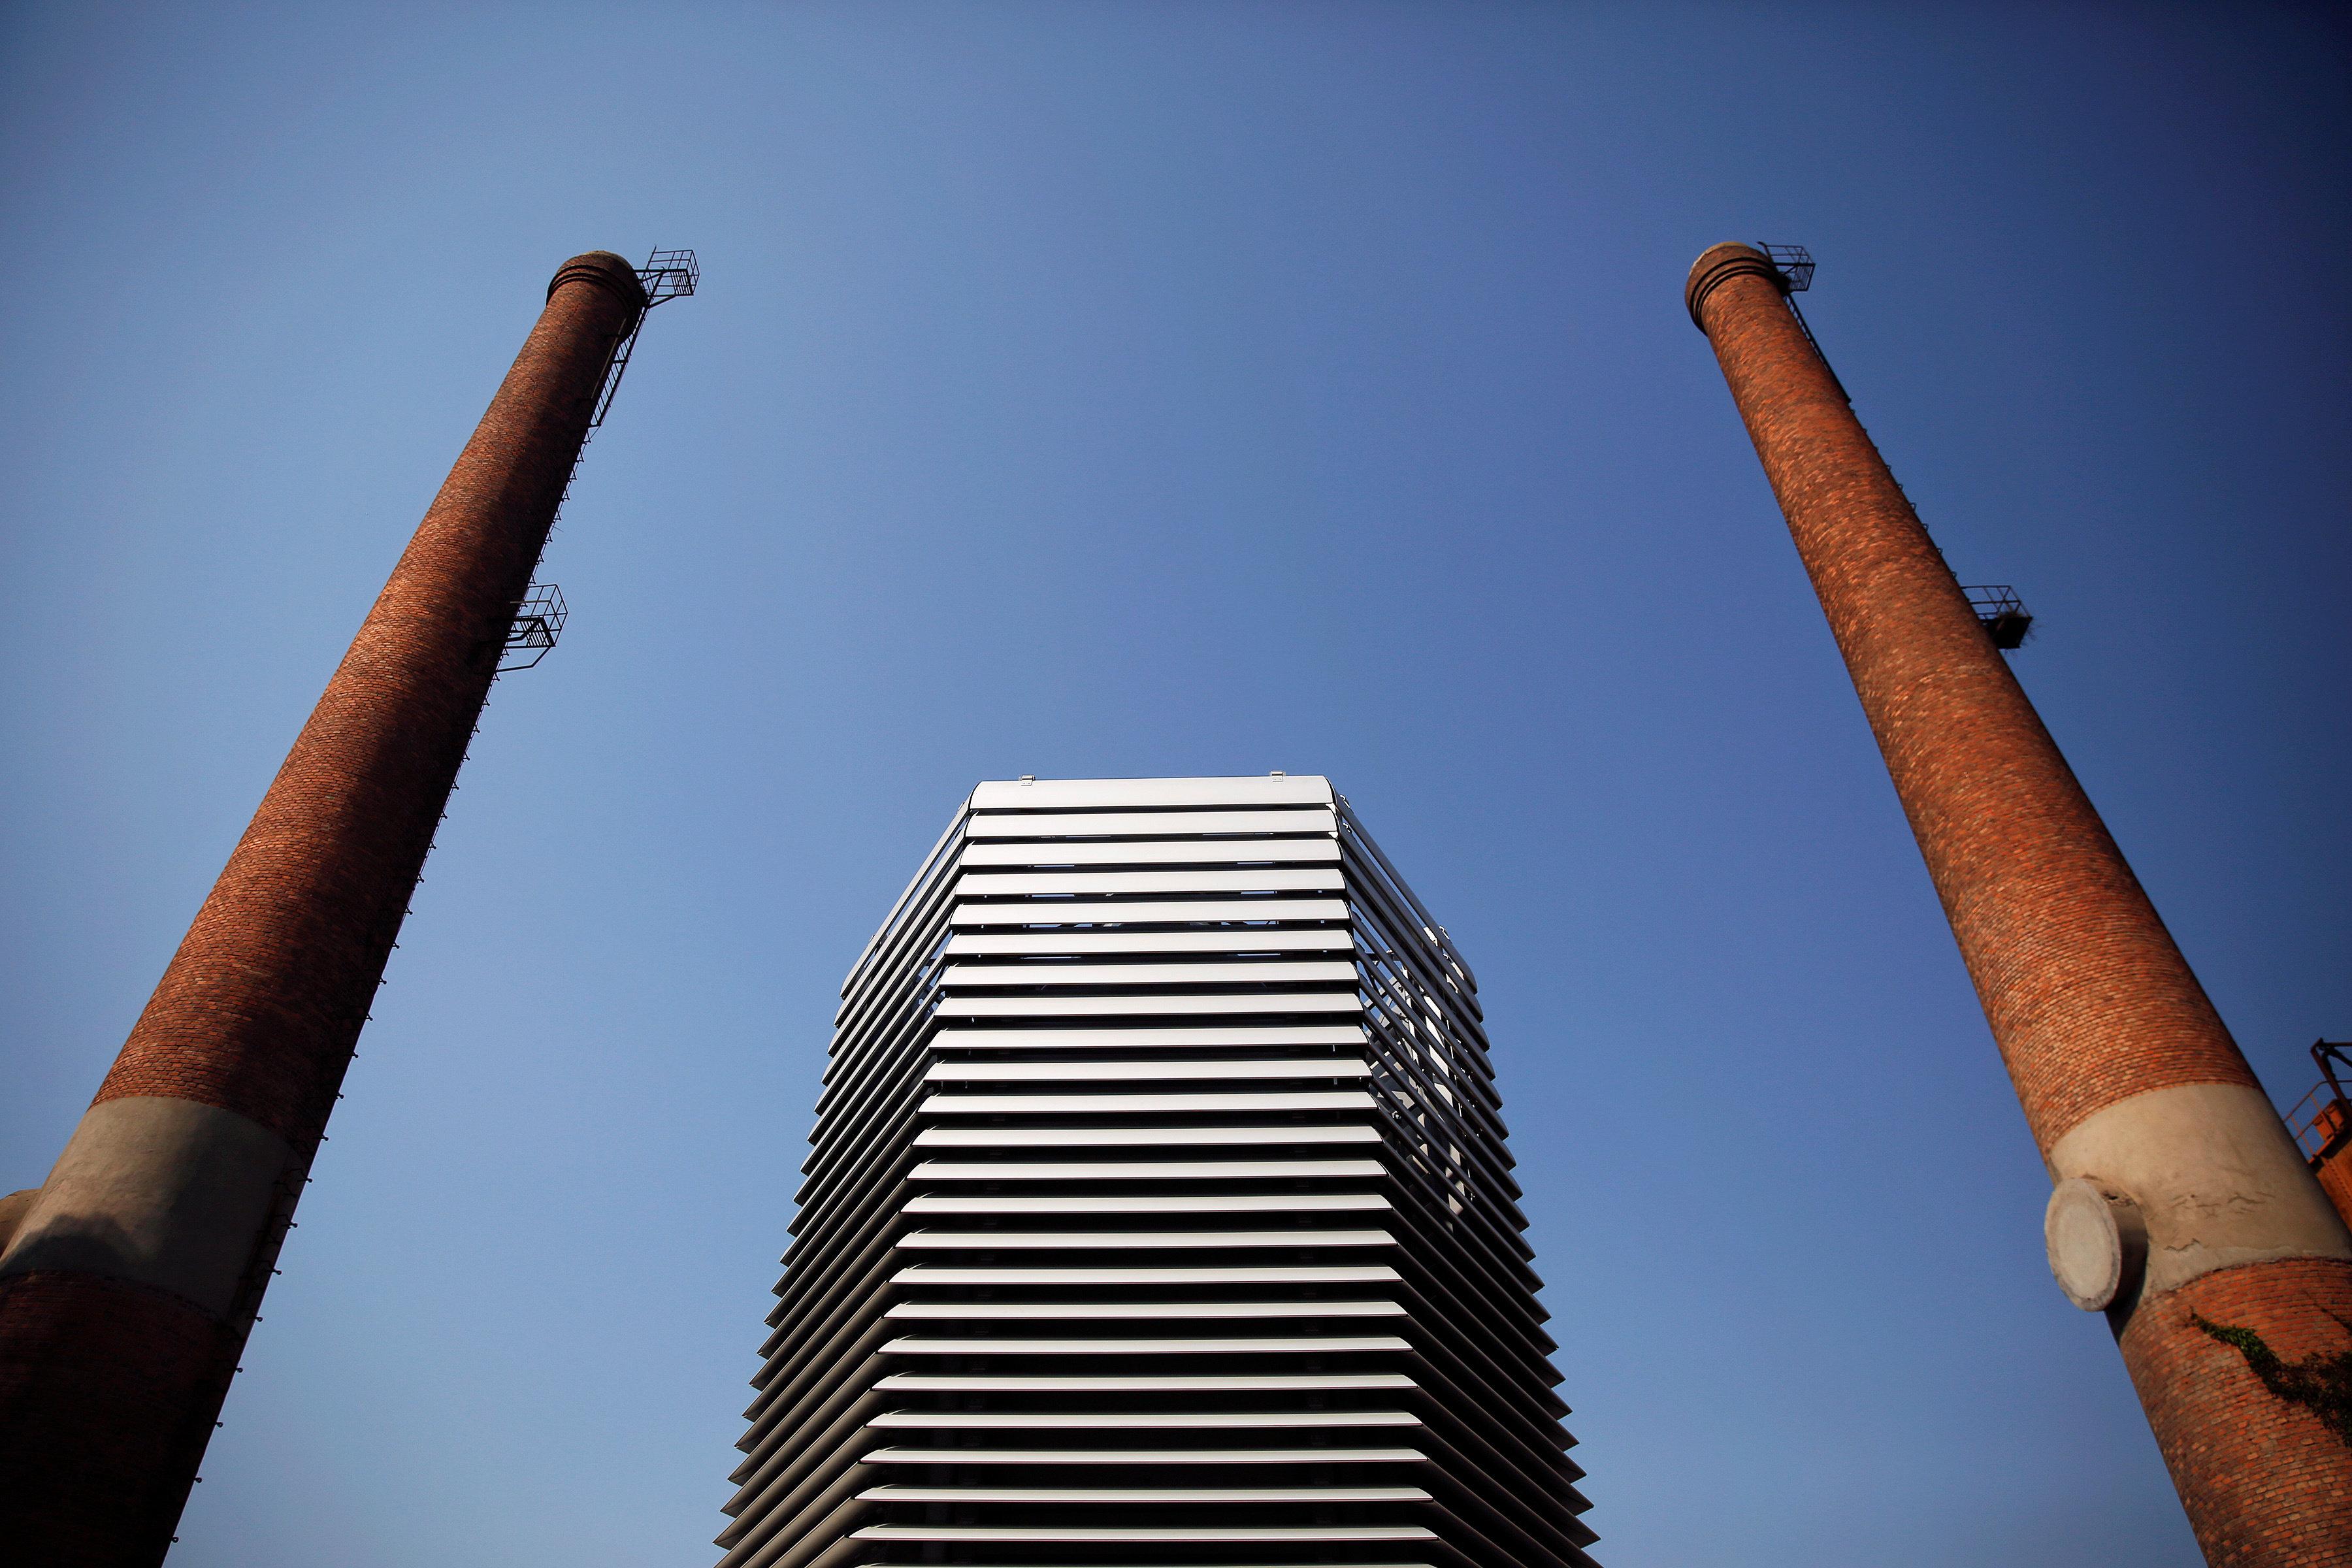 Daan Roosegaarde's Smog Free Tower, seen in Beijing on Thursday.